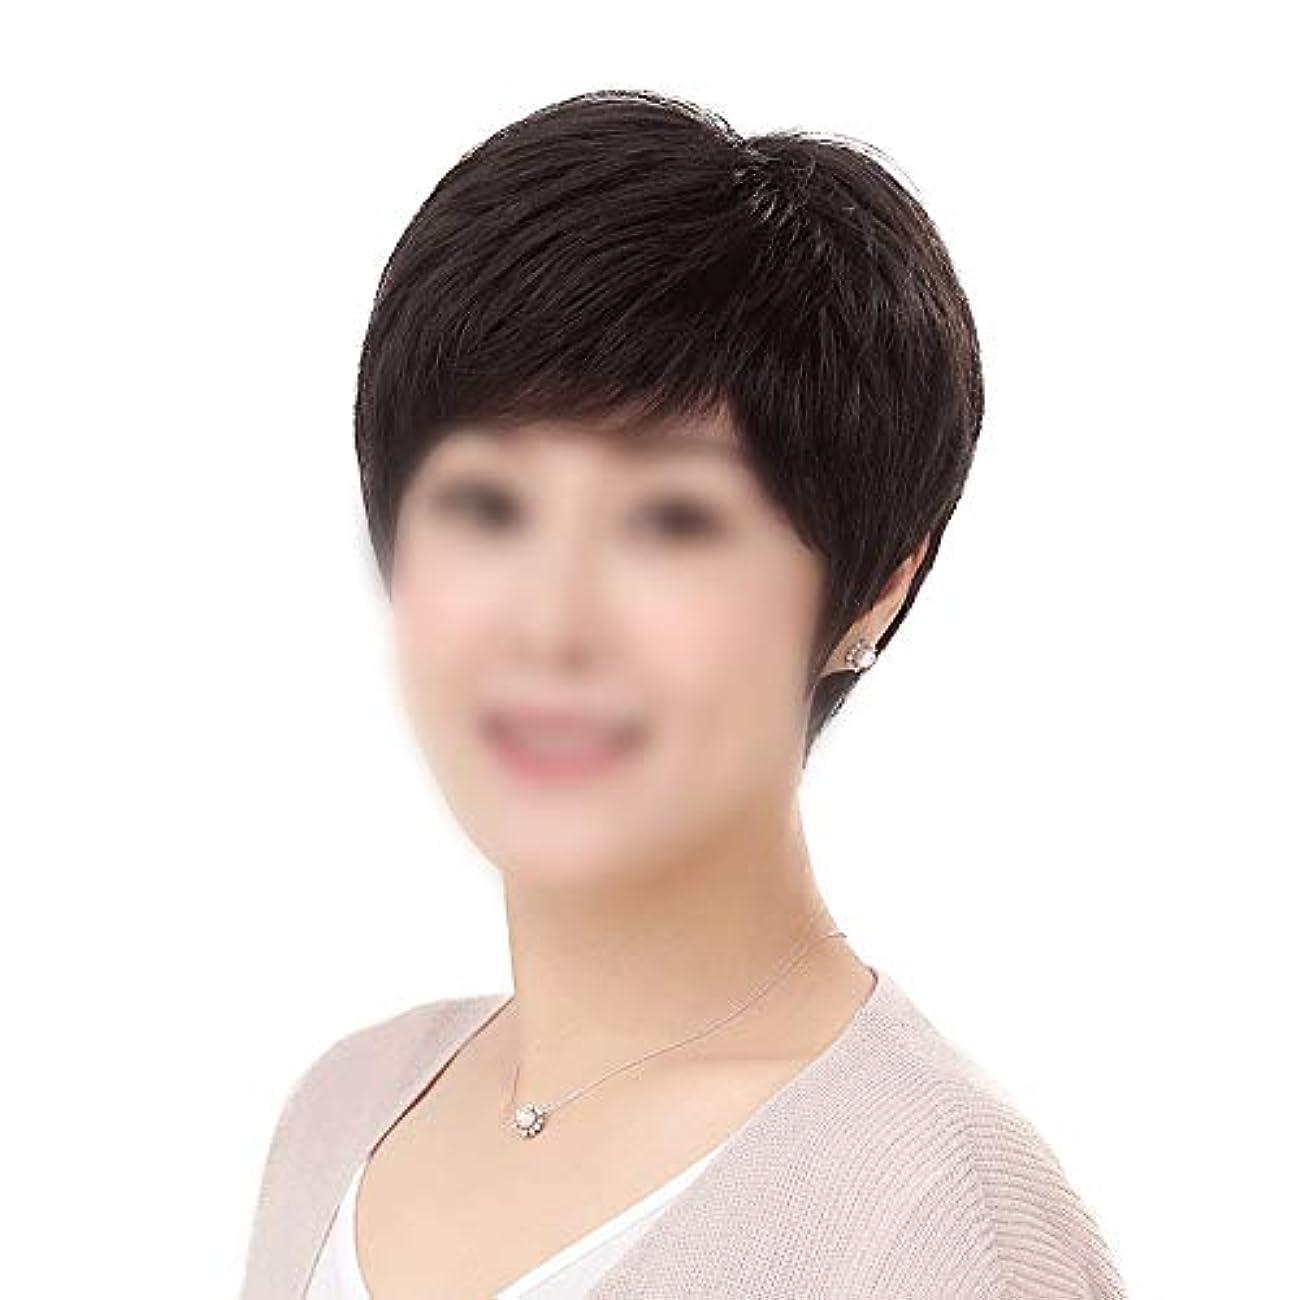 写真撮影遠征成功YOUQIU 母の毎日のために女性の人間の実髪ショートカーリーヘア中東や旧ウィッグウィッグを着用してください (色 : Dark brown, Design : Hand-woven heart)